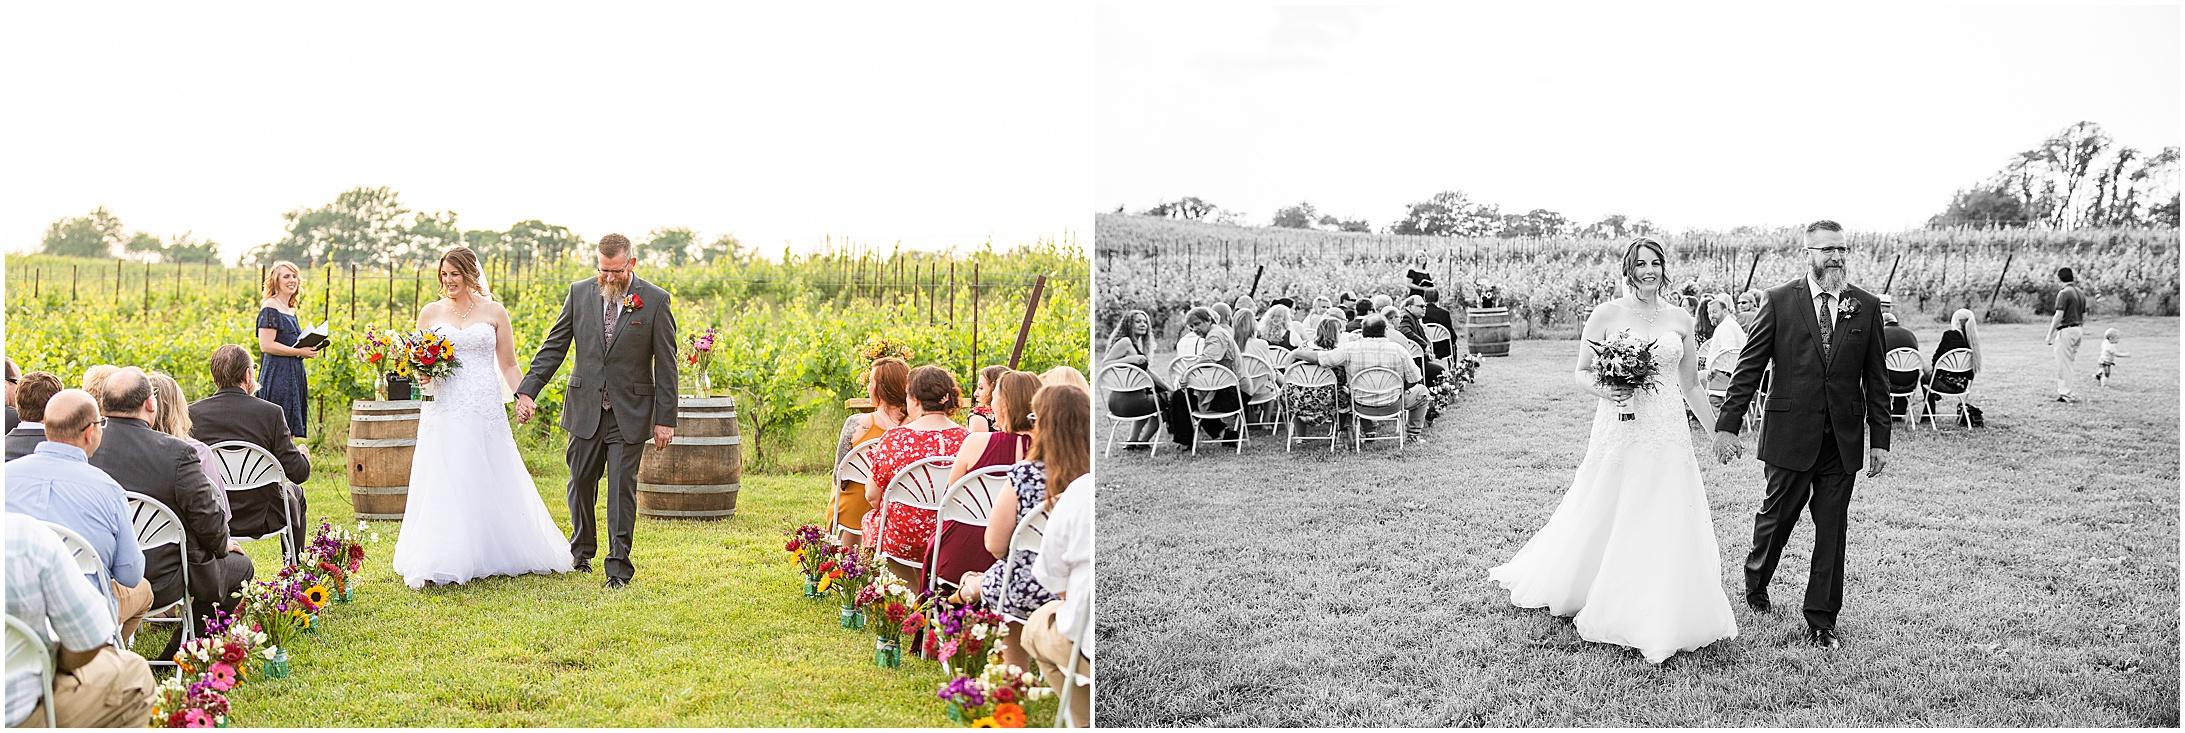 Black-Ankle-Vineyard-wedding_0370.jpg